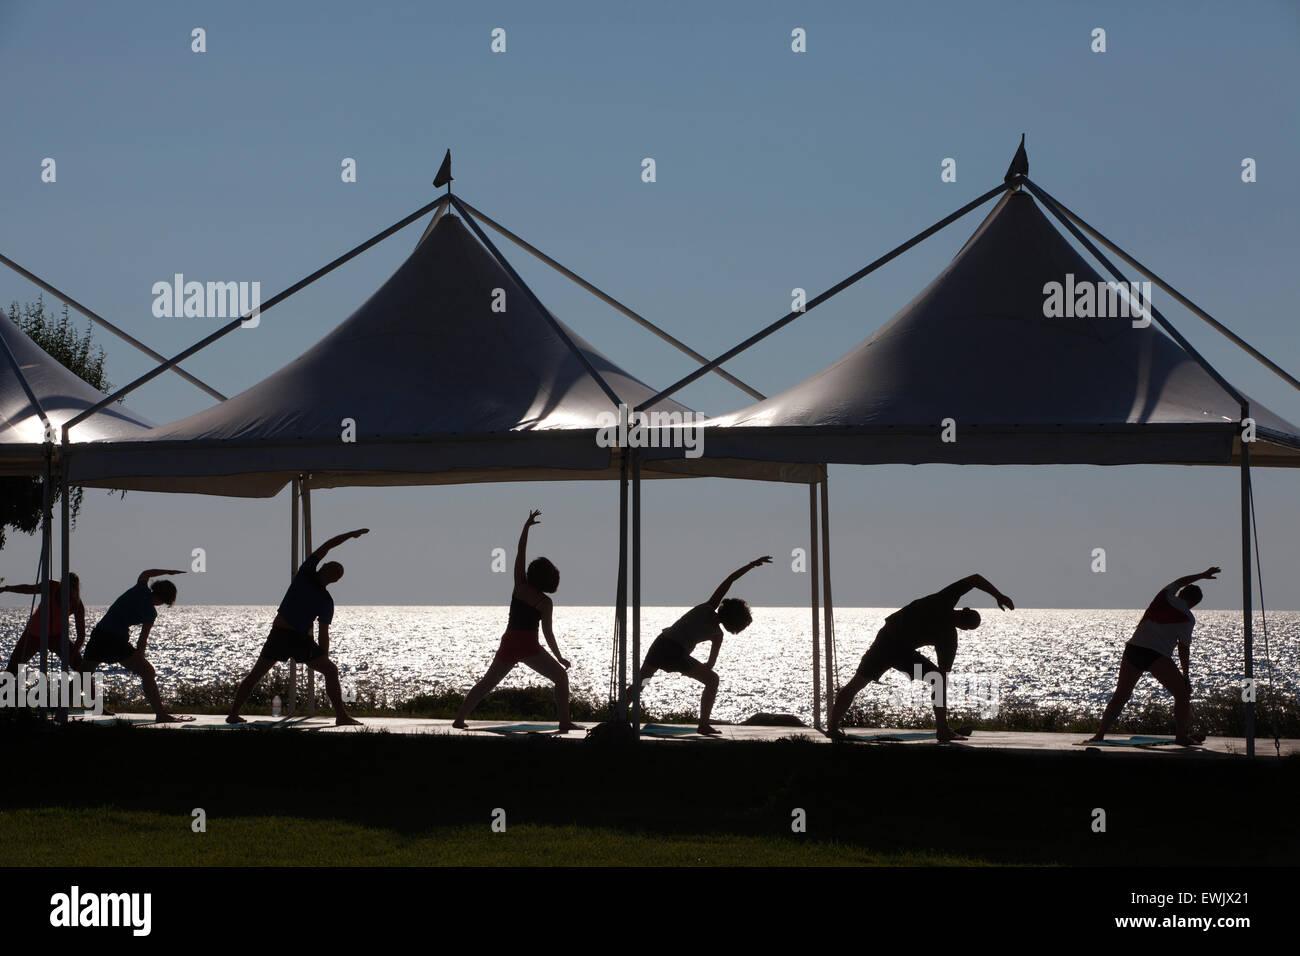 Classe d'exercices de yoga dans la lumière du soir, Lemnos, îles grecques, Mer Égée, Grèce Photo Stock